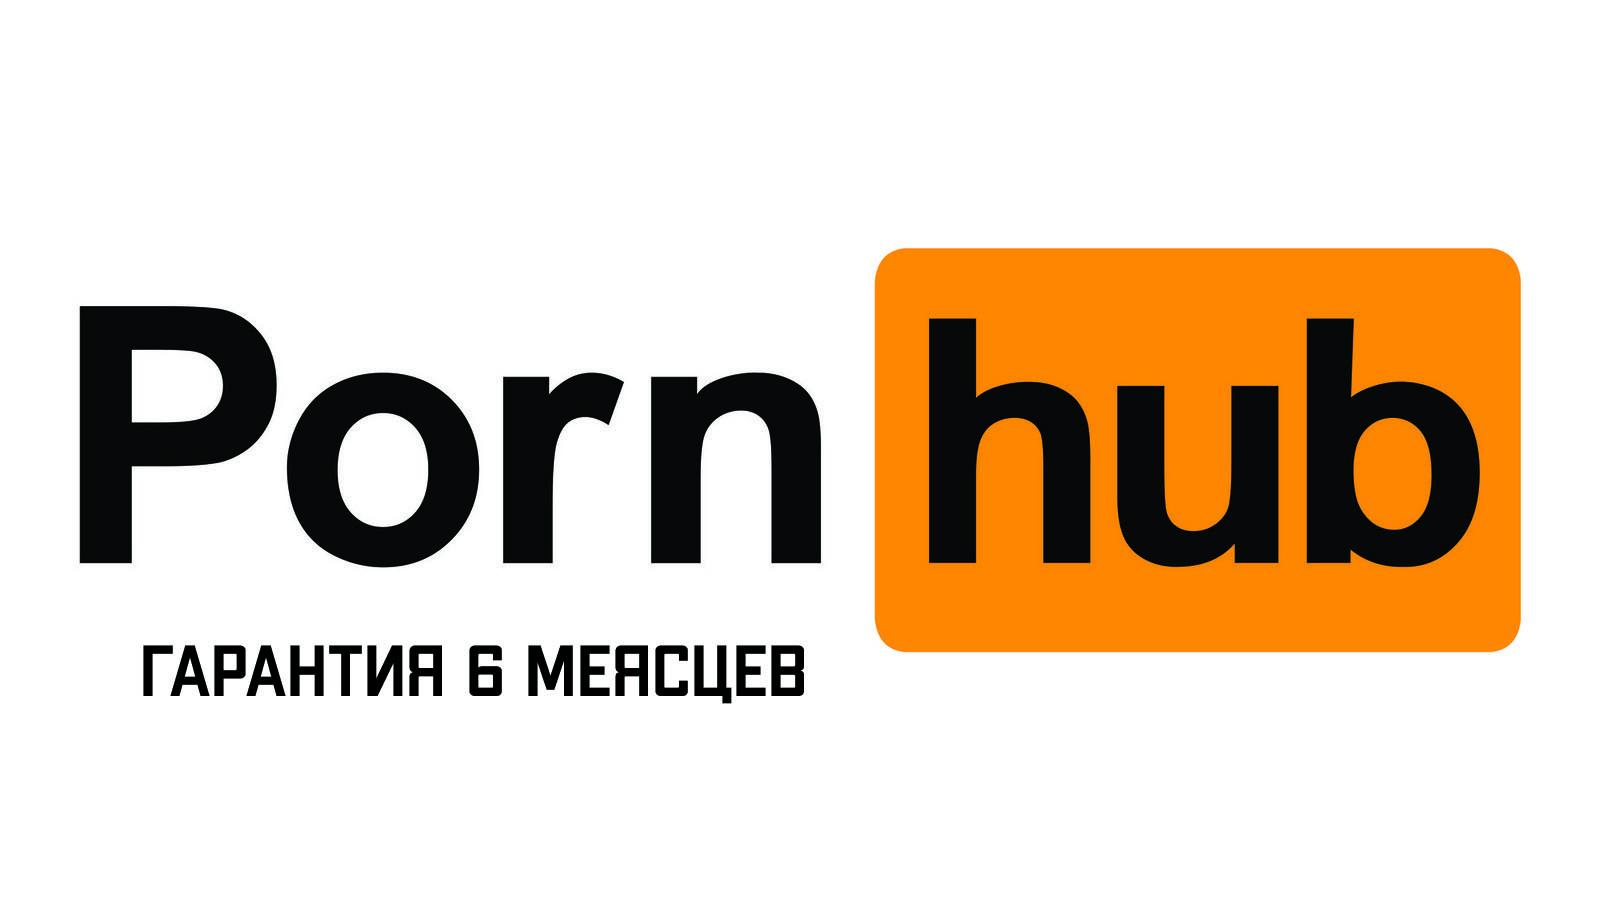 Фотография аккаунт pornhub premium + гарантия 6 месяцев